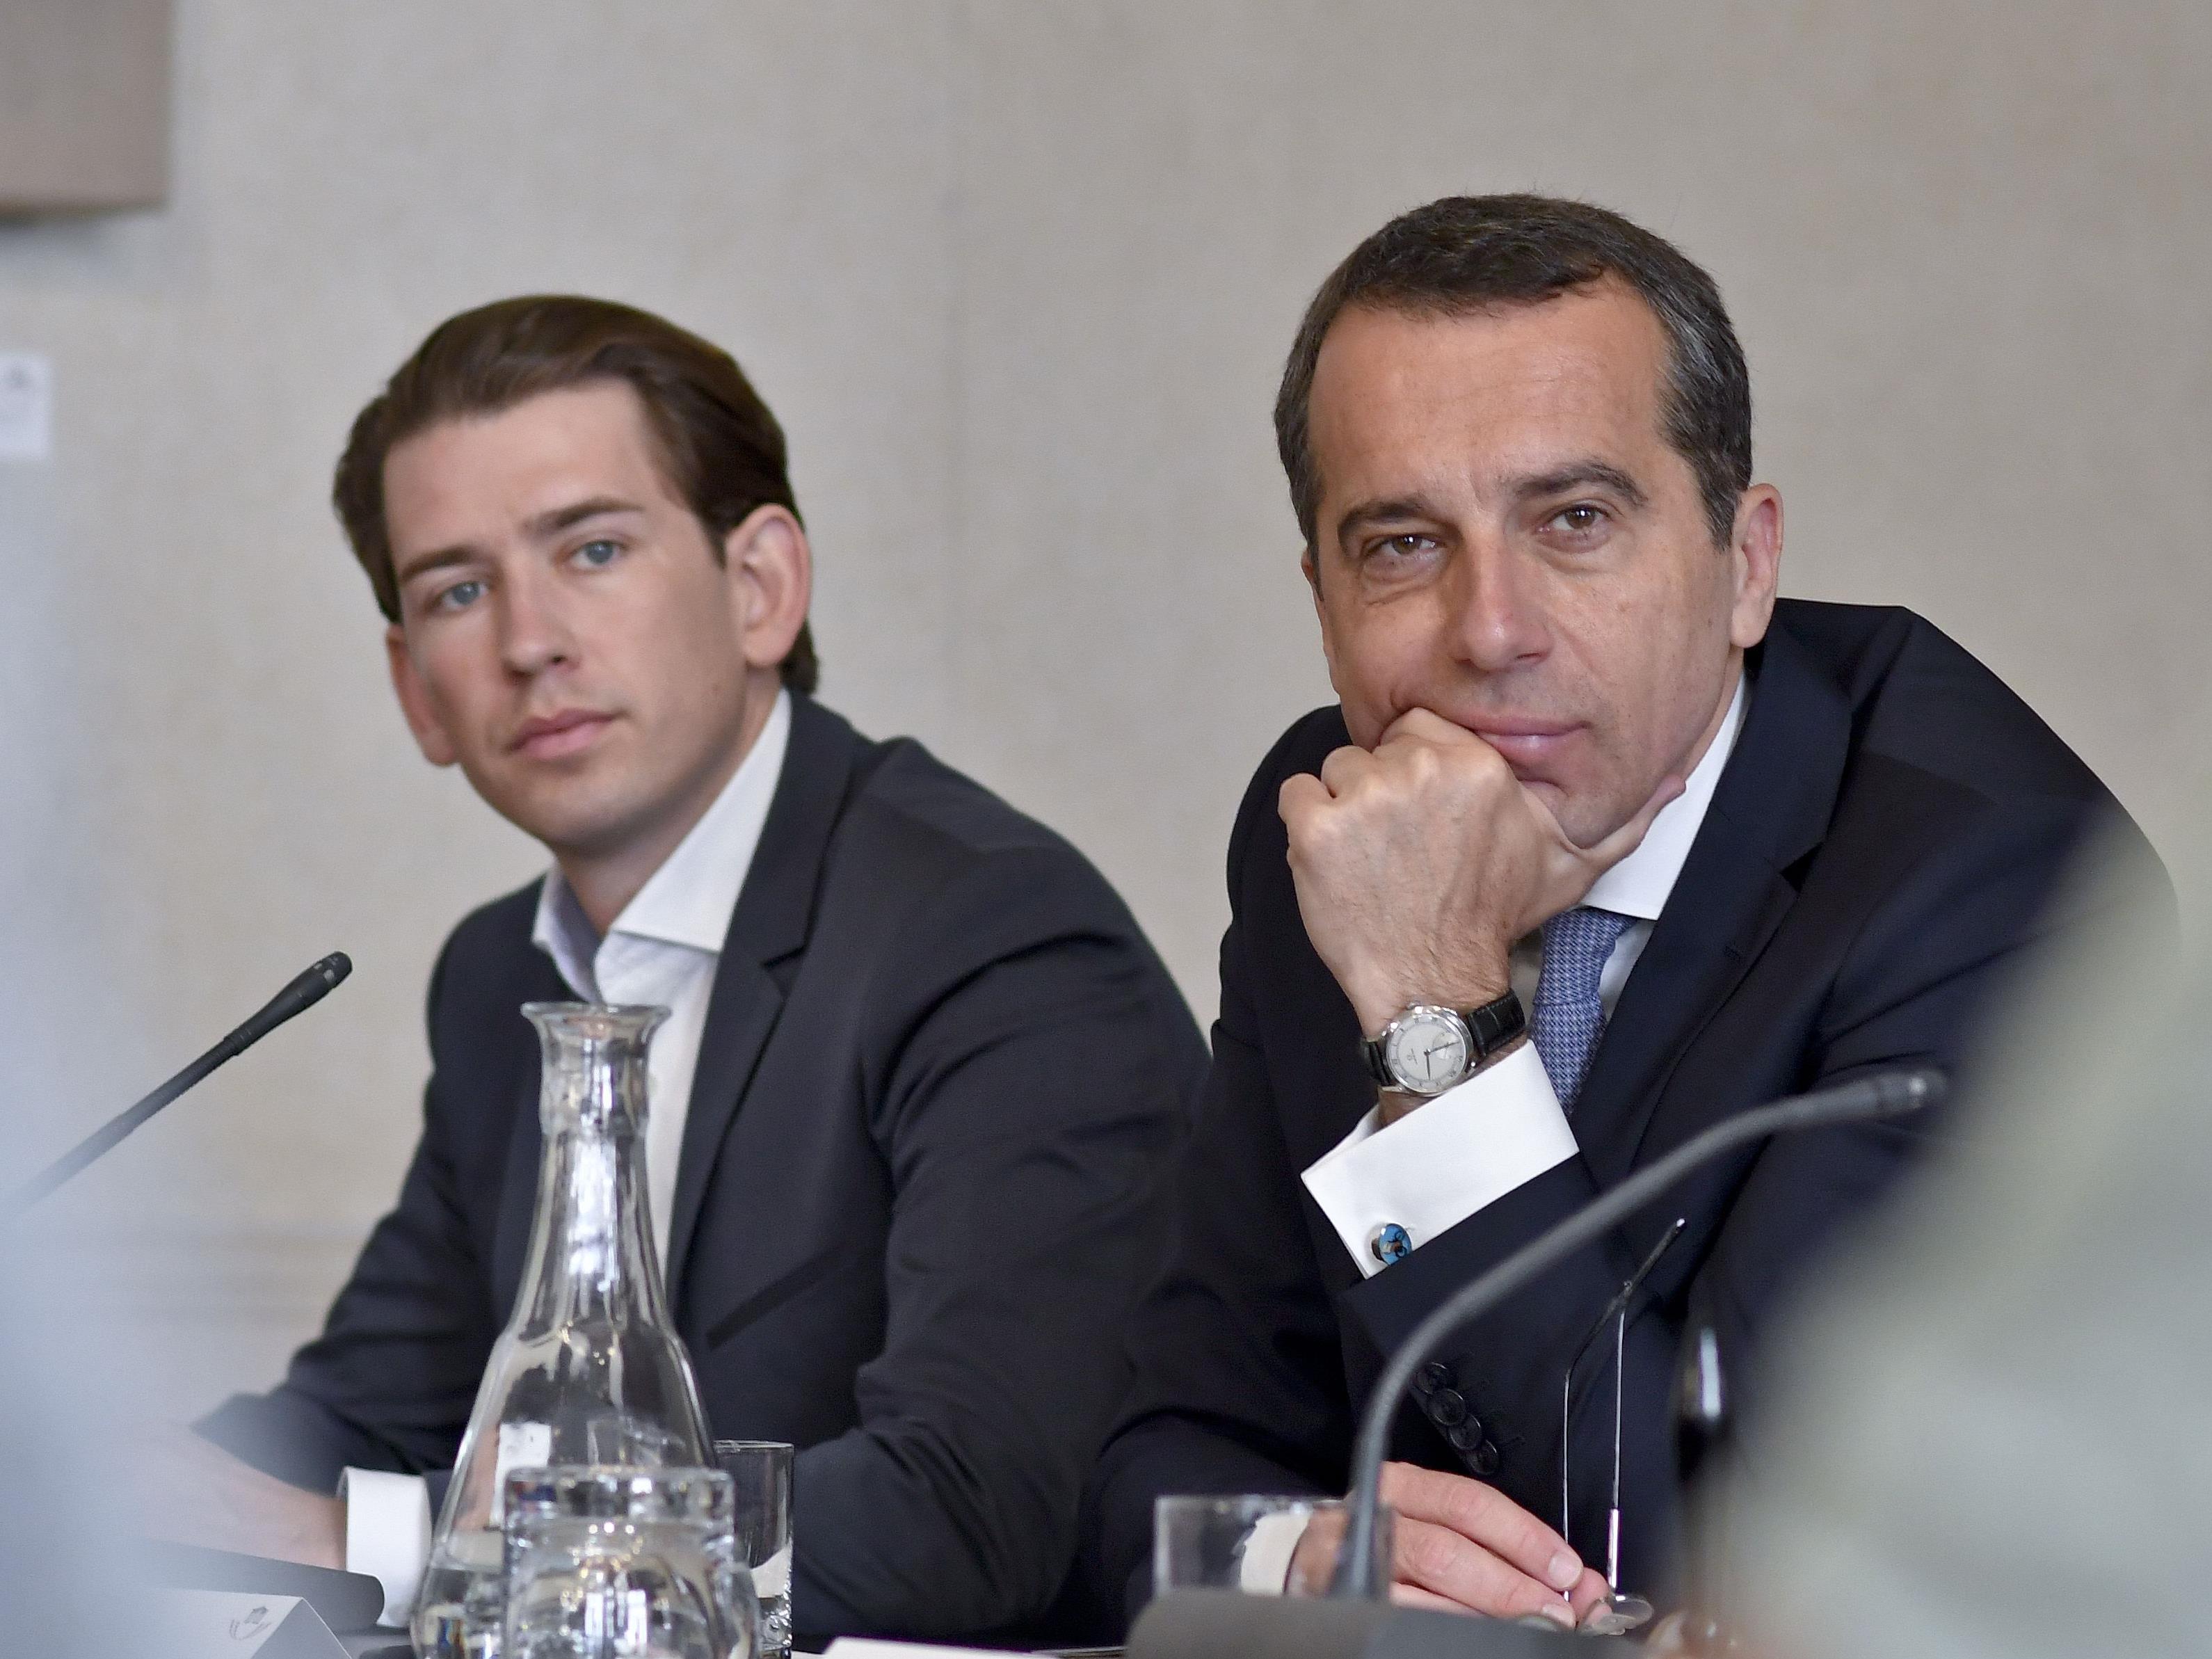 Außenminister Sebastian Kurz und Bundeskanzler Christian Kern hatten Nihat Zeybekci die Einreise nach Österreich verweigert.